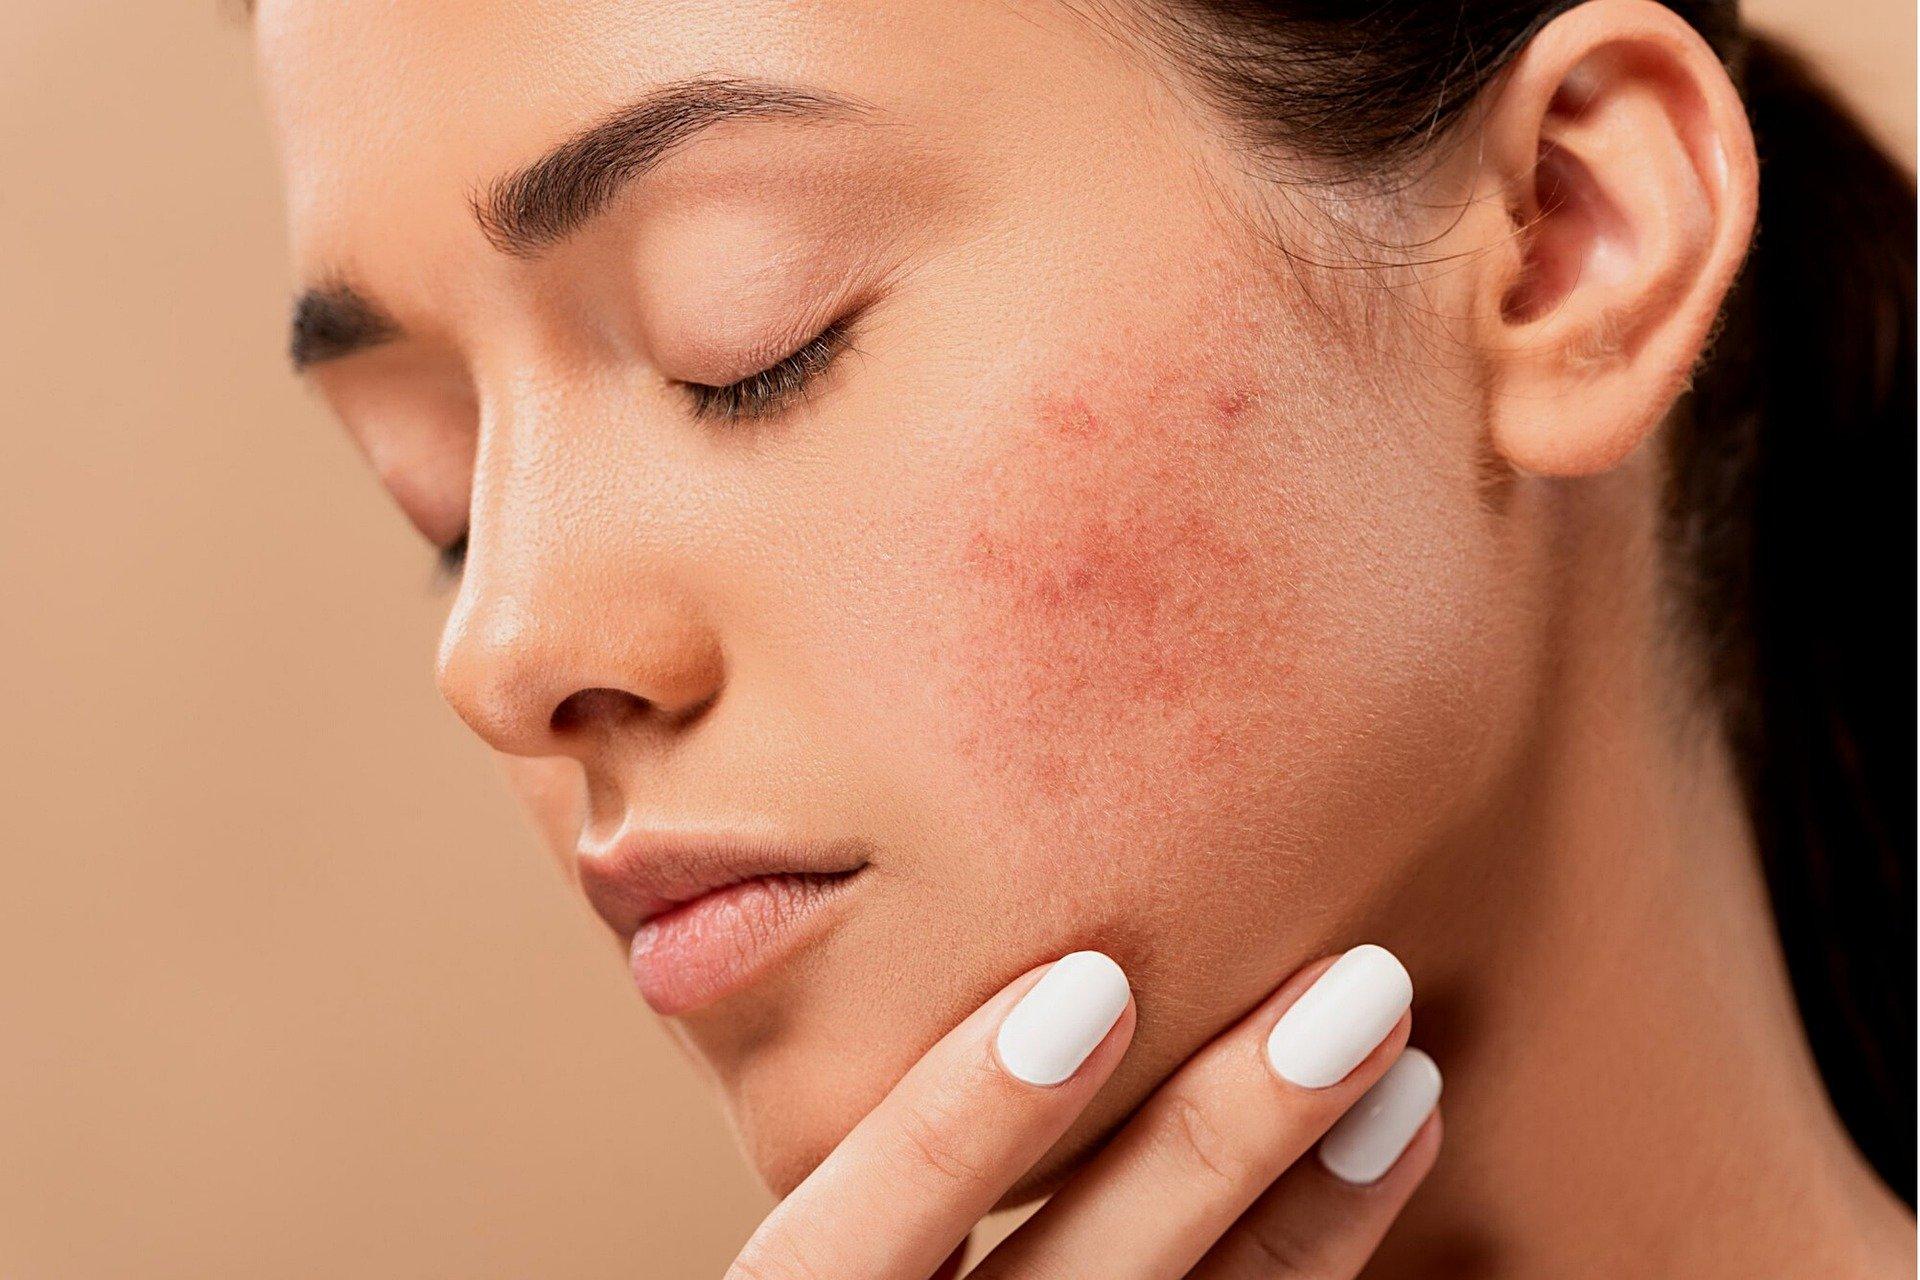 Wünschen Sie sich eine ganzheitliche Hautpflegeberatung?